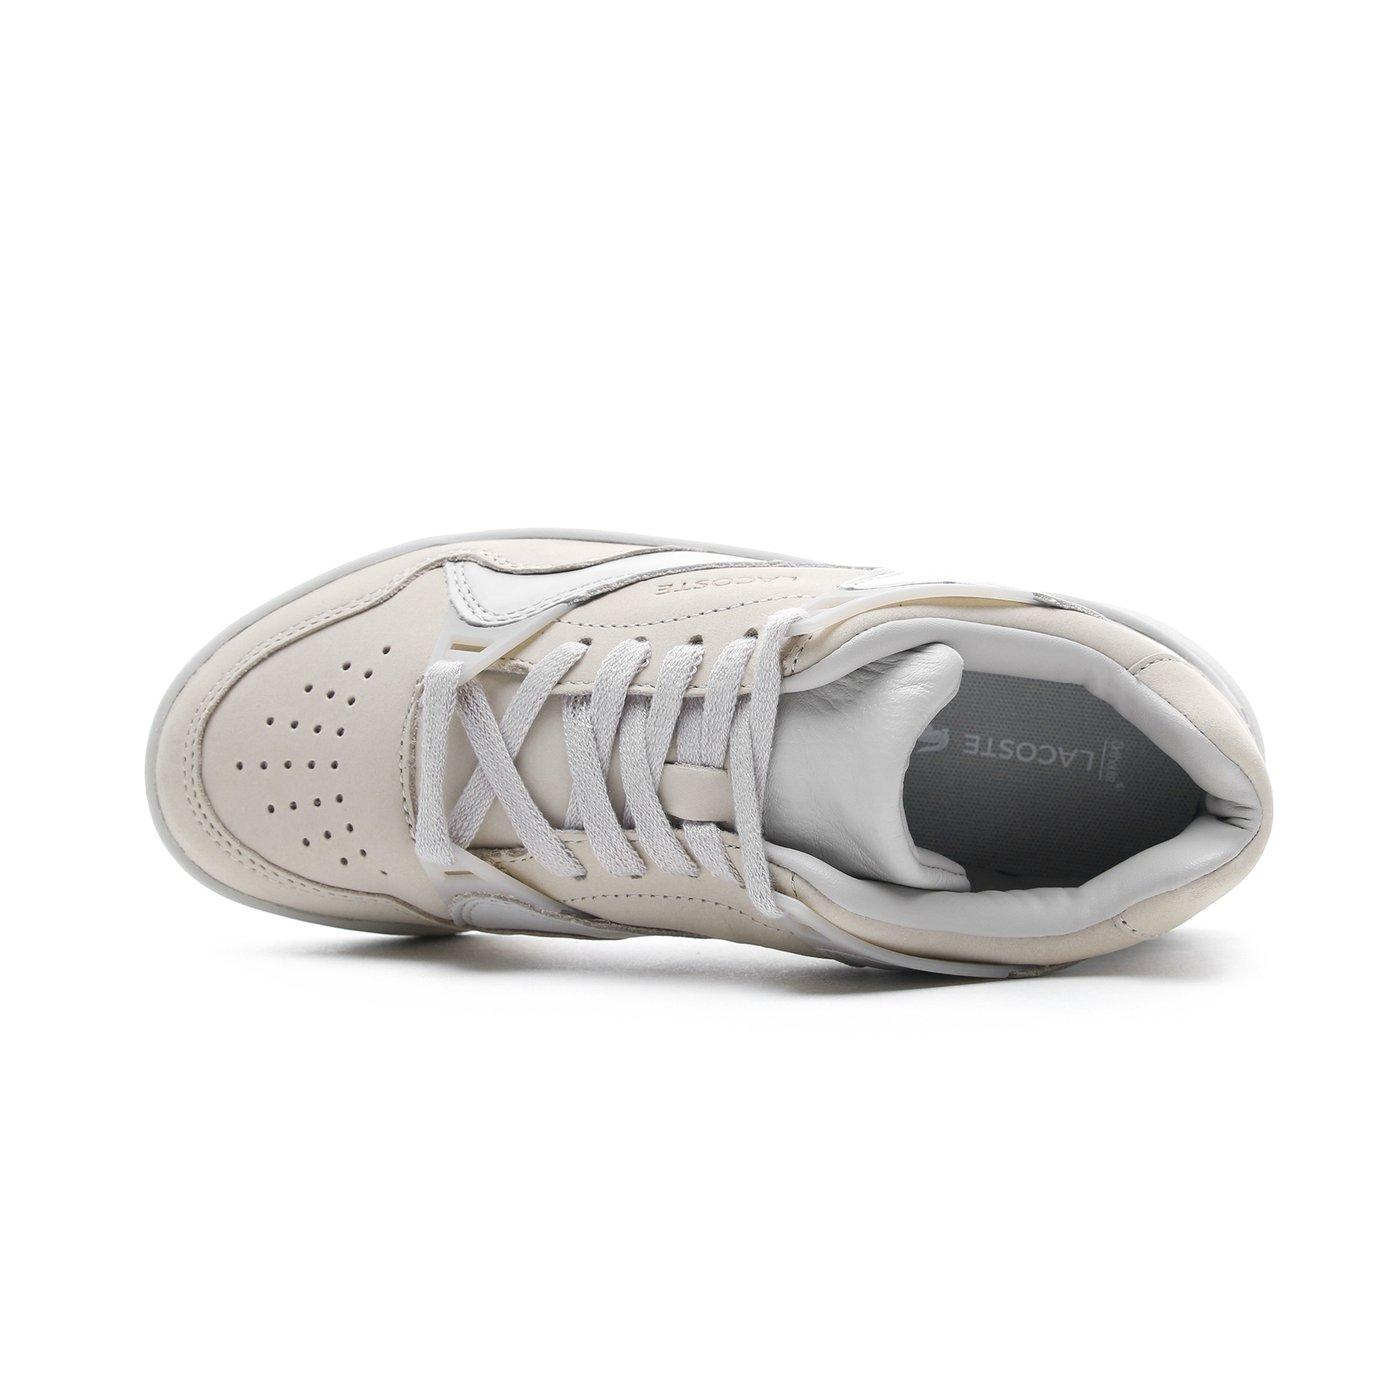 Lacoste Court Slam Kadın Bej Spor Ayakkabı